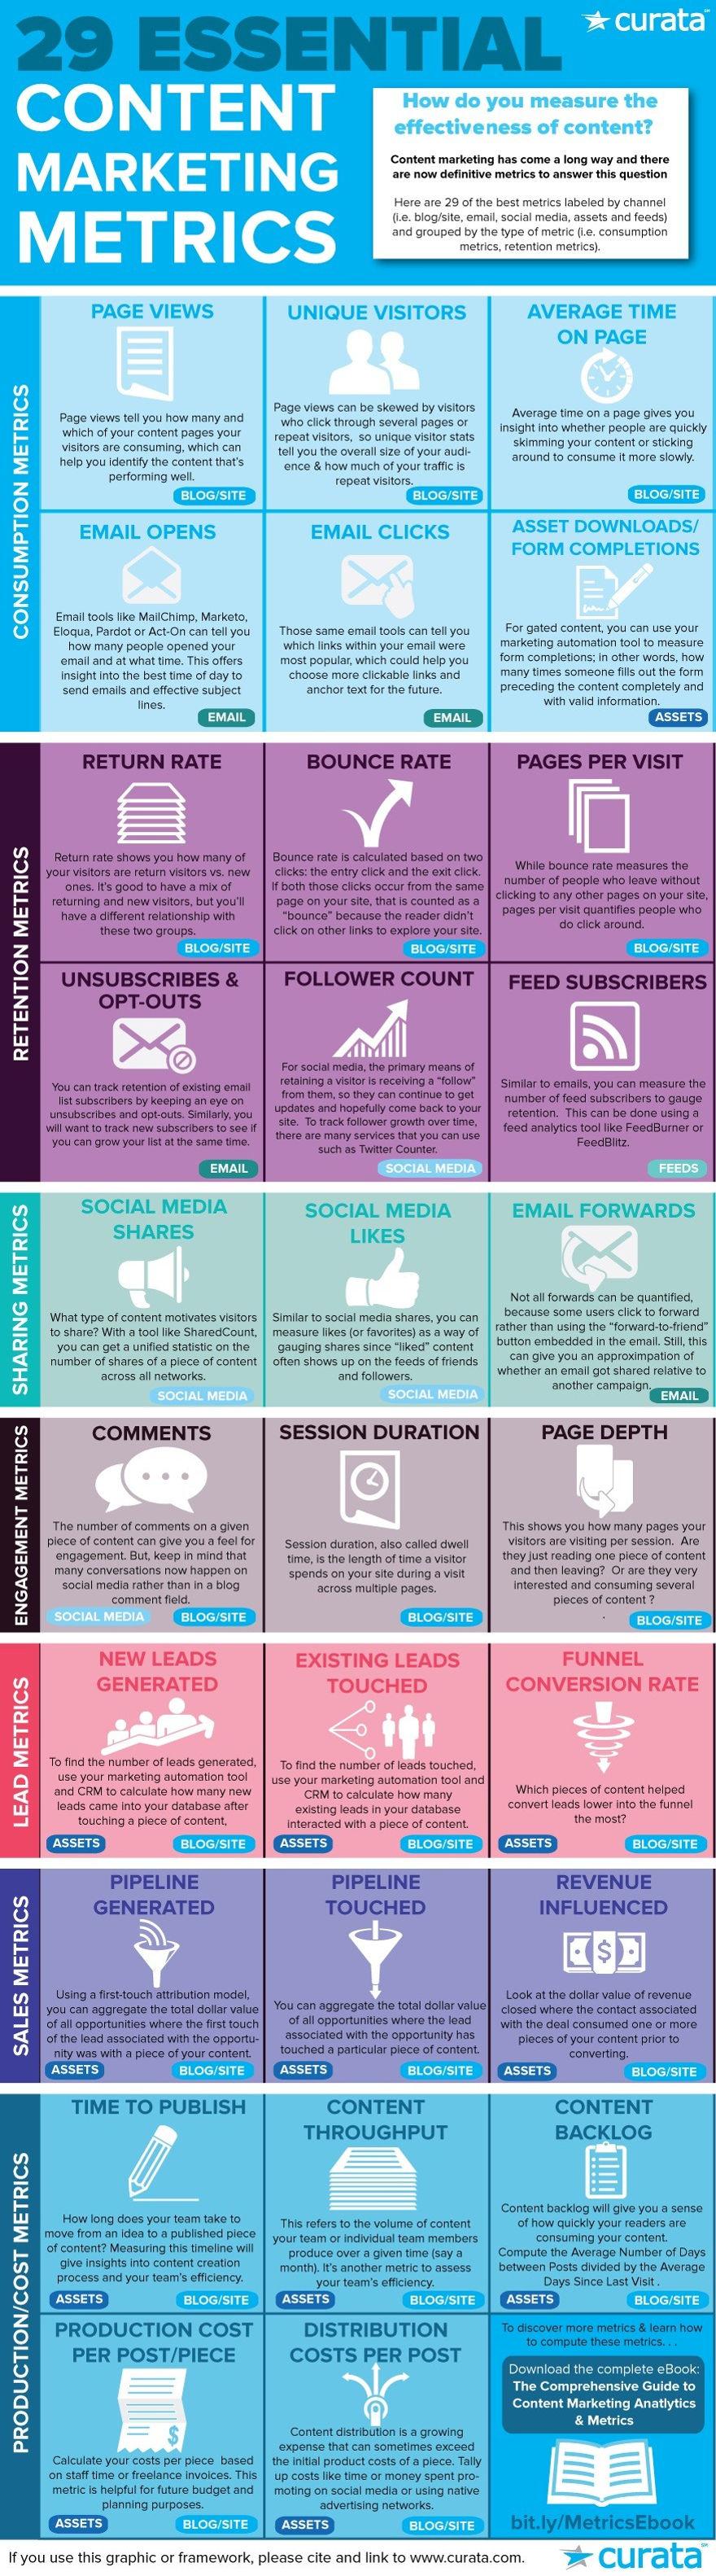 Content Marketing Metrics Infographic